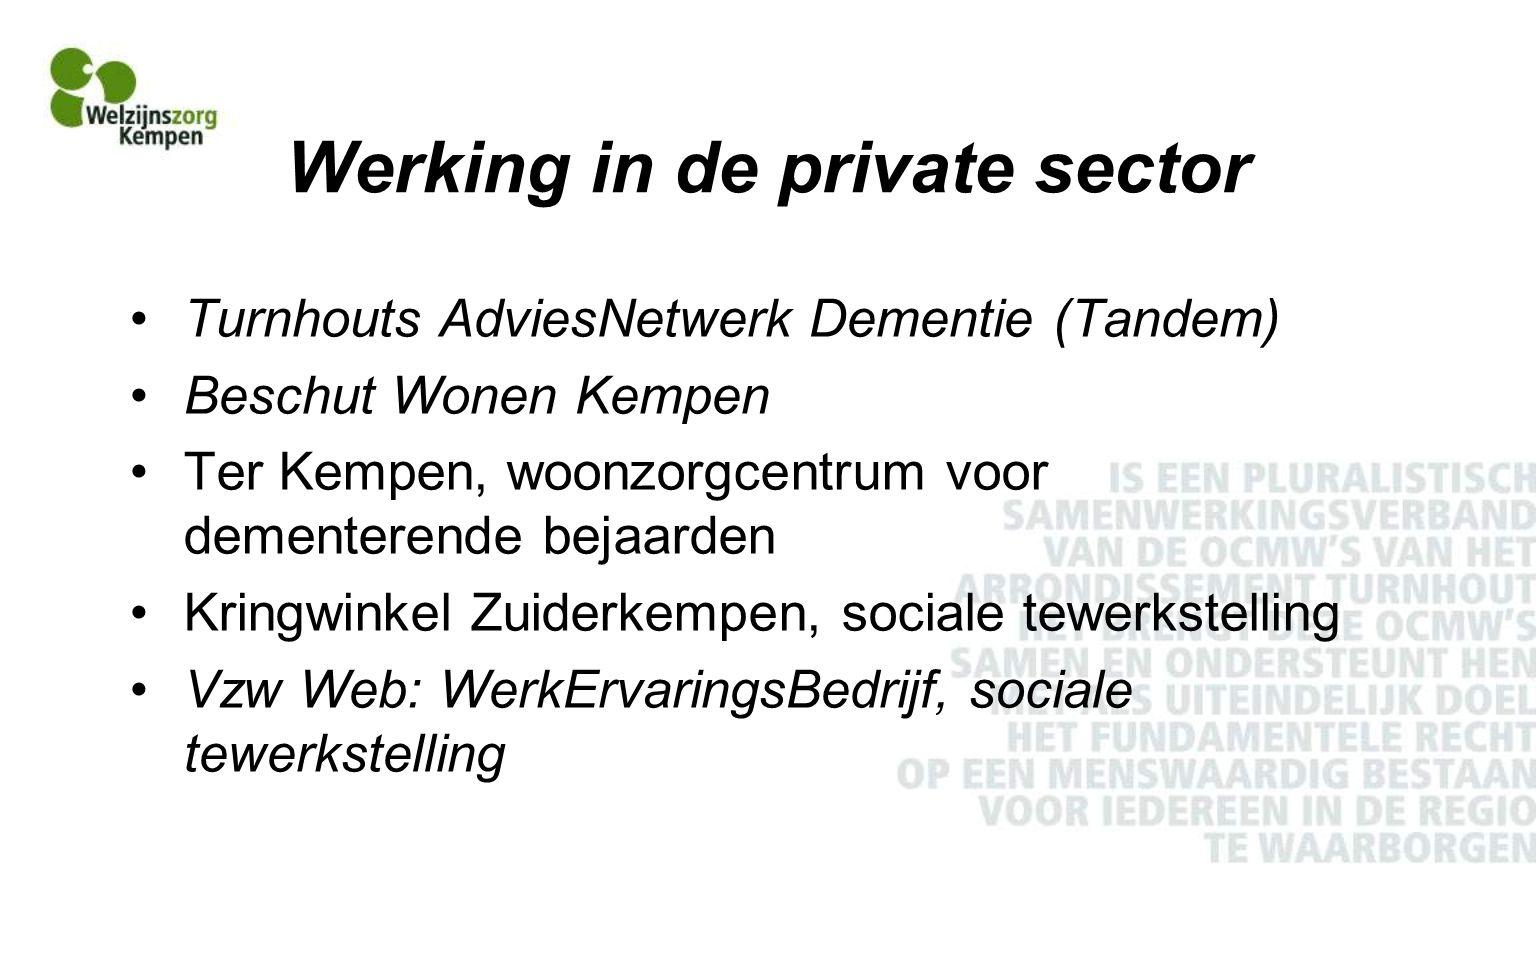 Werking in de private sector Turnhouts AdviesNetwerk Dementie (Tandem) Beschut Wonen Kempen Ter Kempen, woonzorgcentrum voor dementerende bejaarden Kringwinkel Zuiderkempen, sociale tewerkstelling Vzw Web: WerkErvaringsBedrijf, sociale tewerkstelling